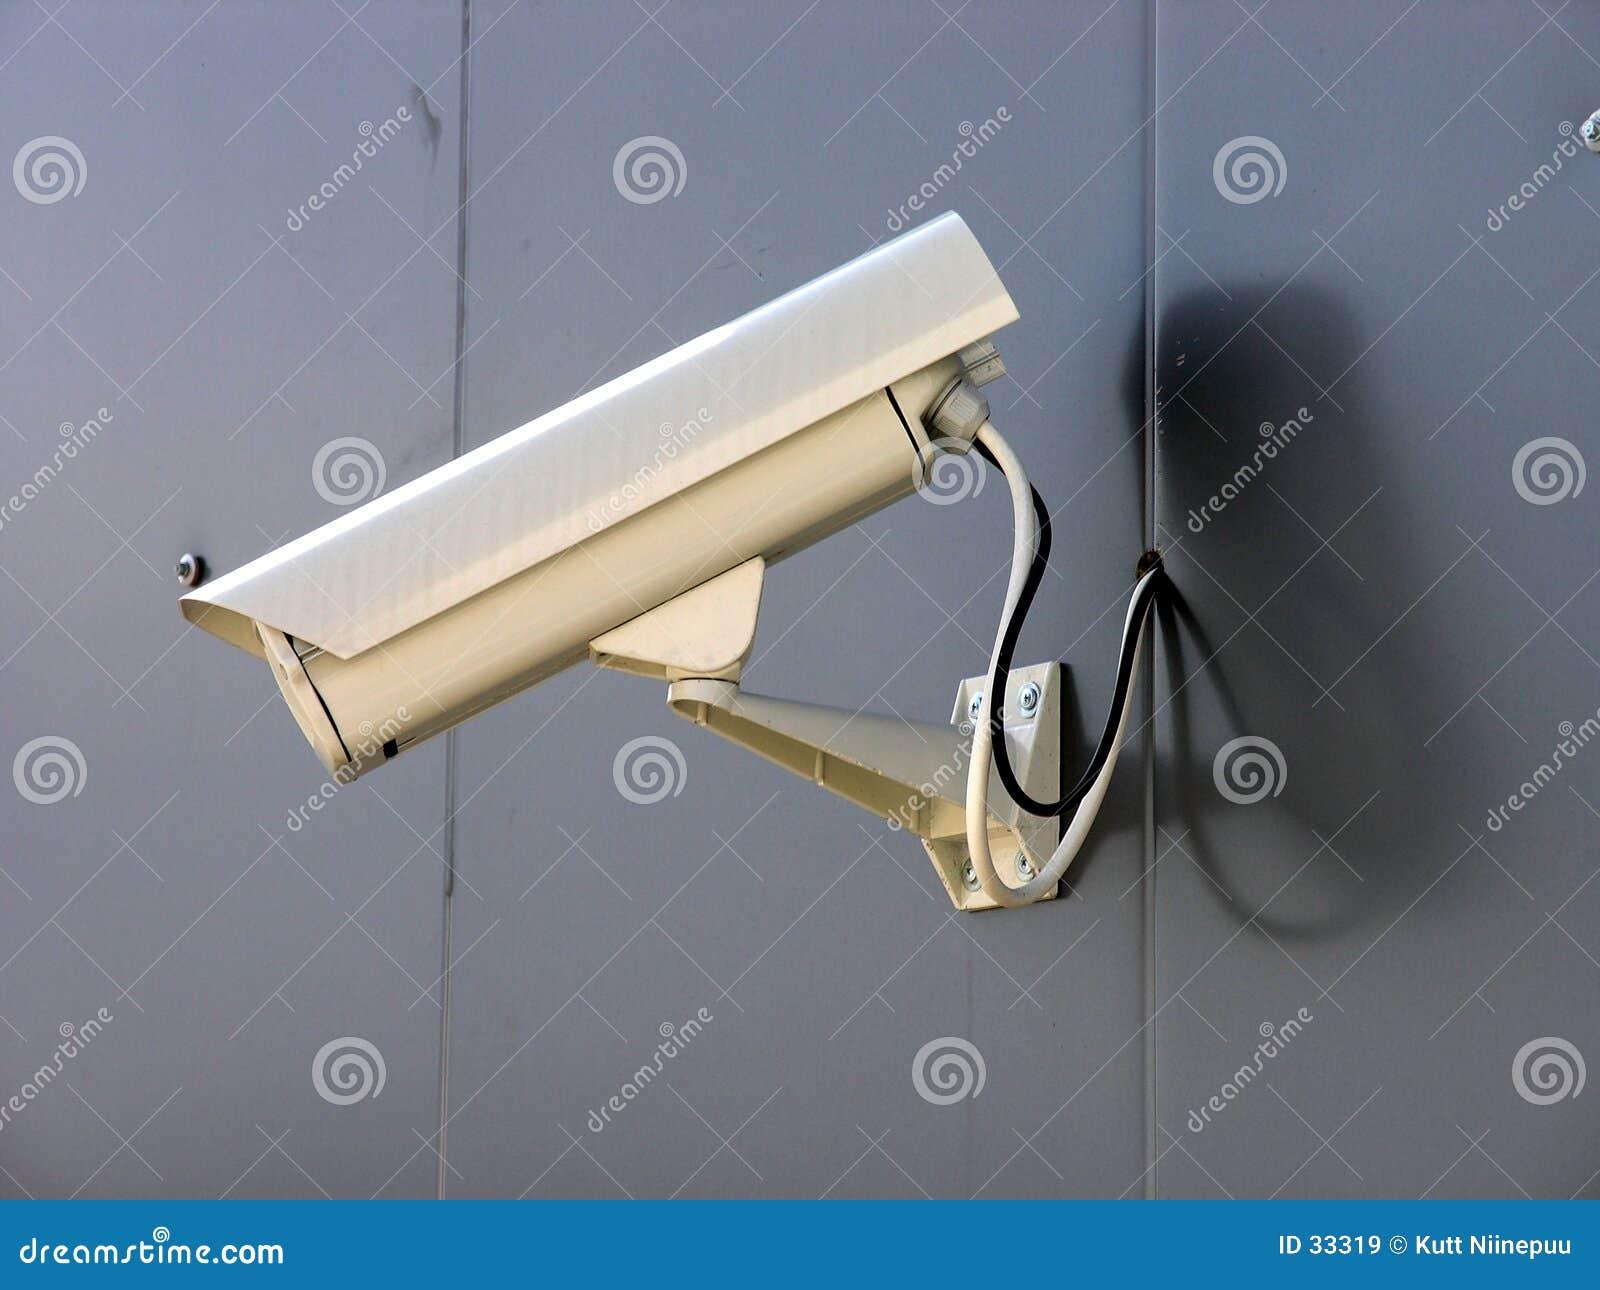 Download Cámaras de seguridad imagen de archivo. Imagen de señal - 33319